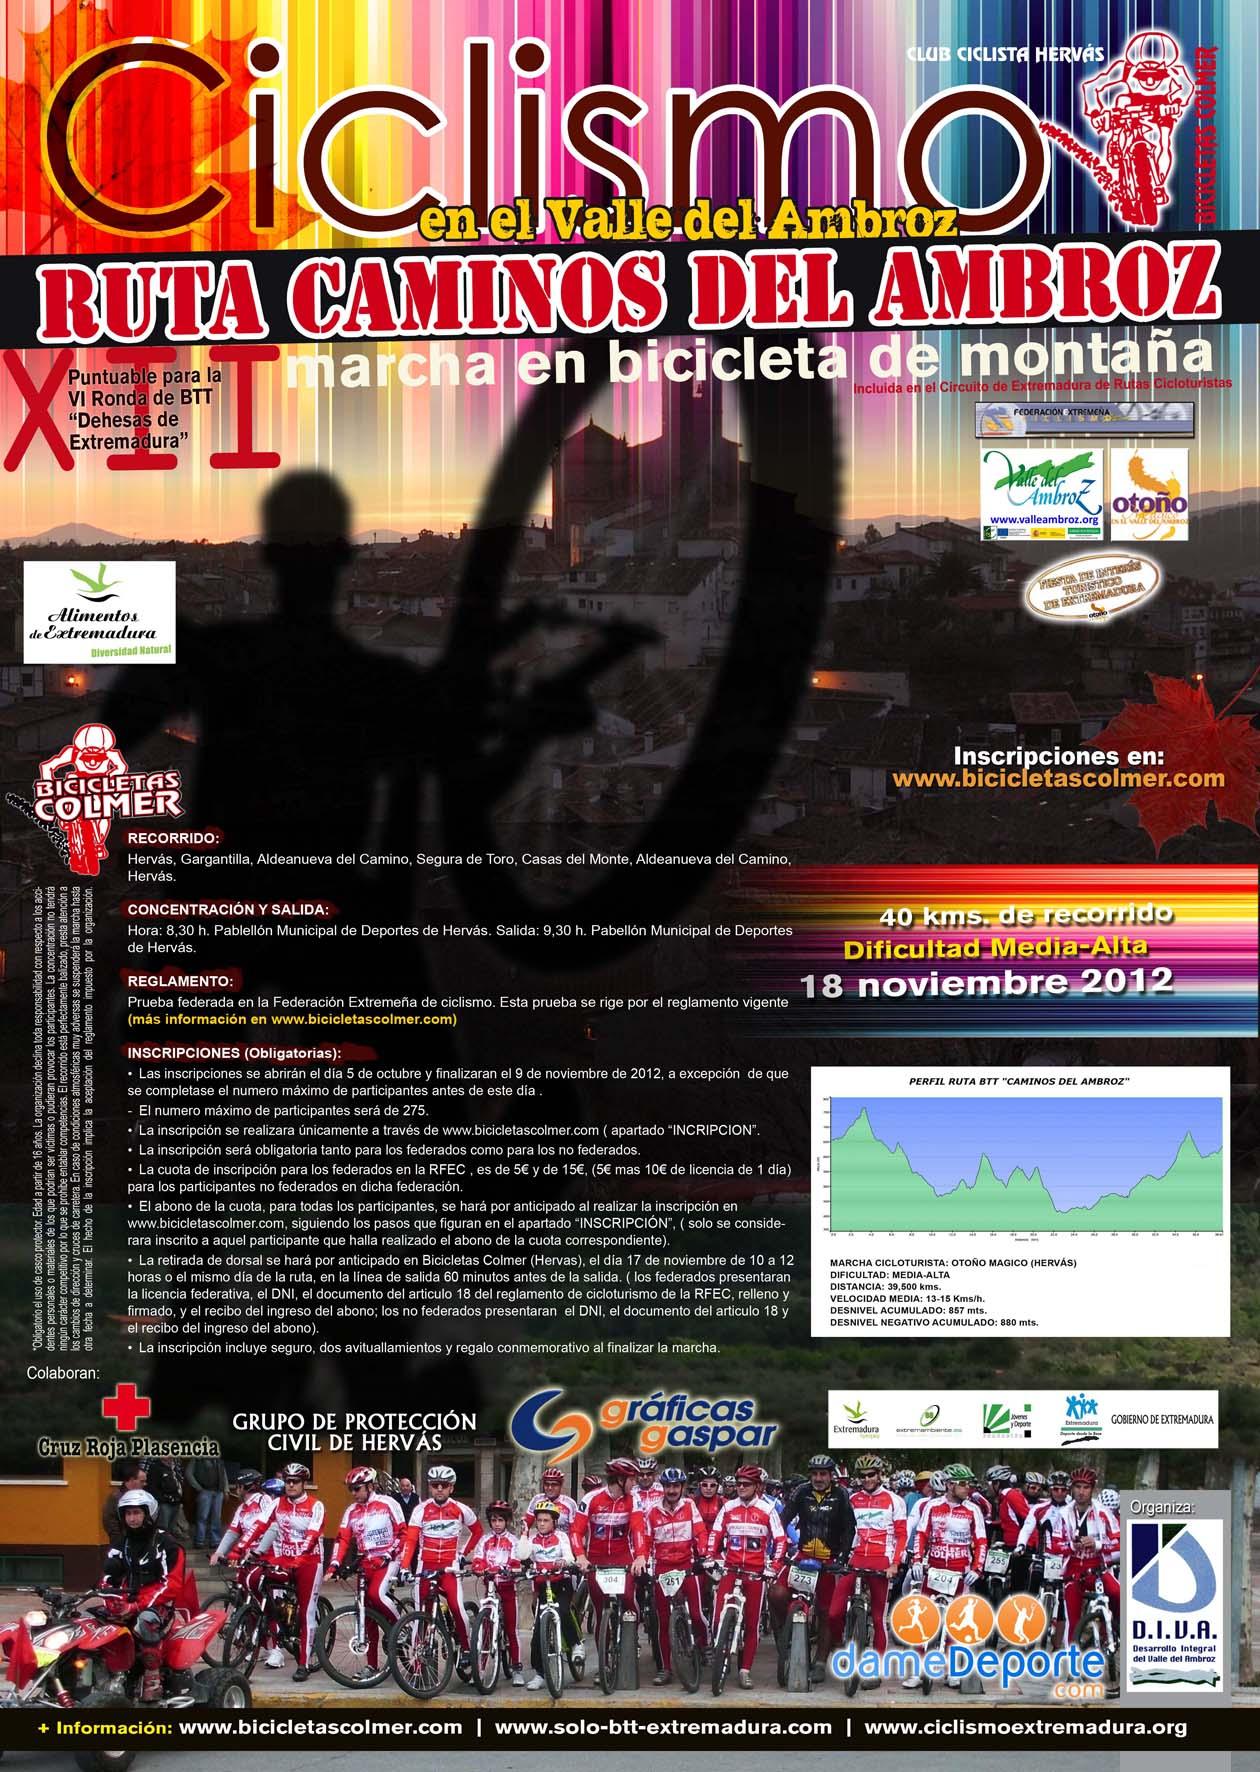 http://www.avaibooksports.com/uploads/docs/eventos/rol/6371_evento_649_doc.jpg